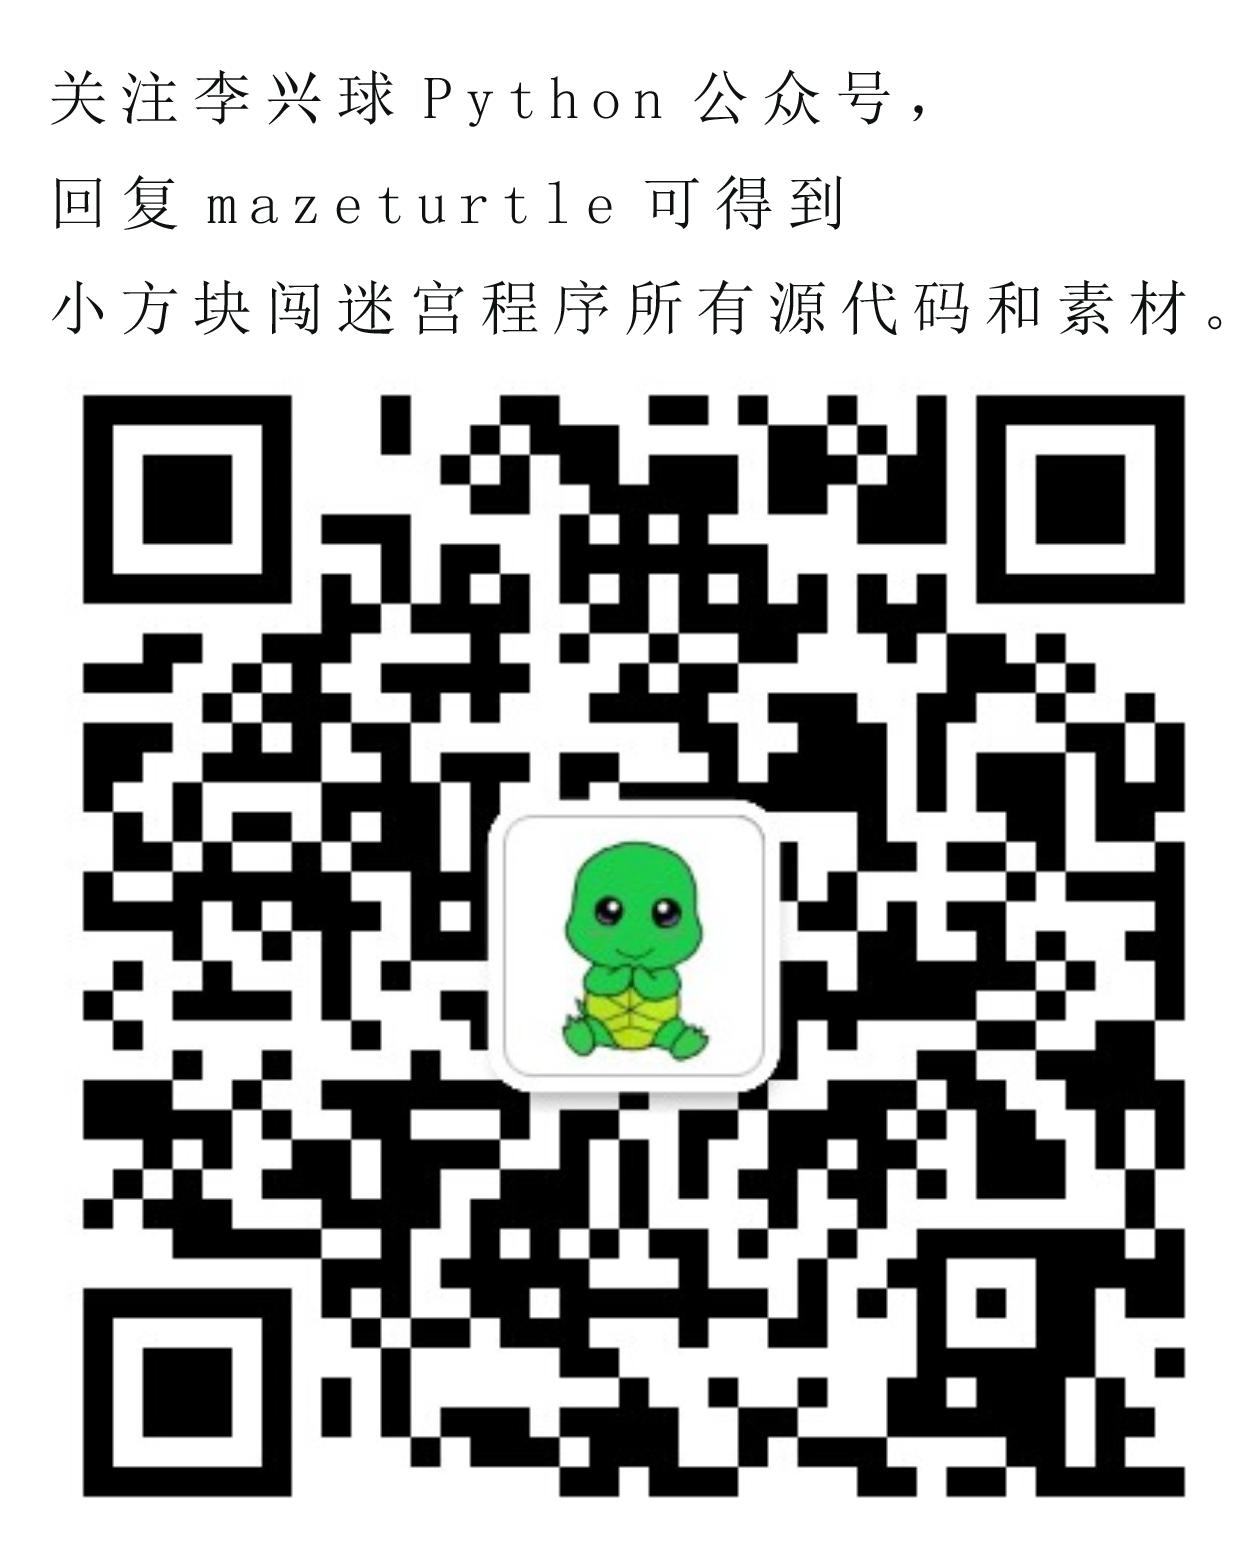 李兴球Python公众号小方块闯迷宫